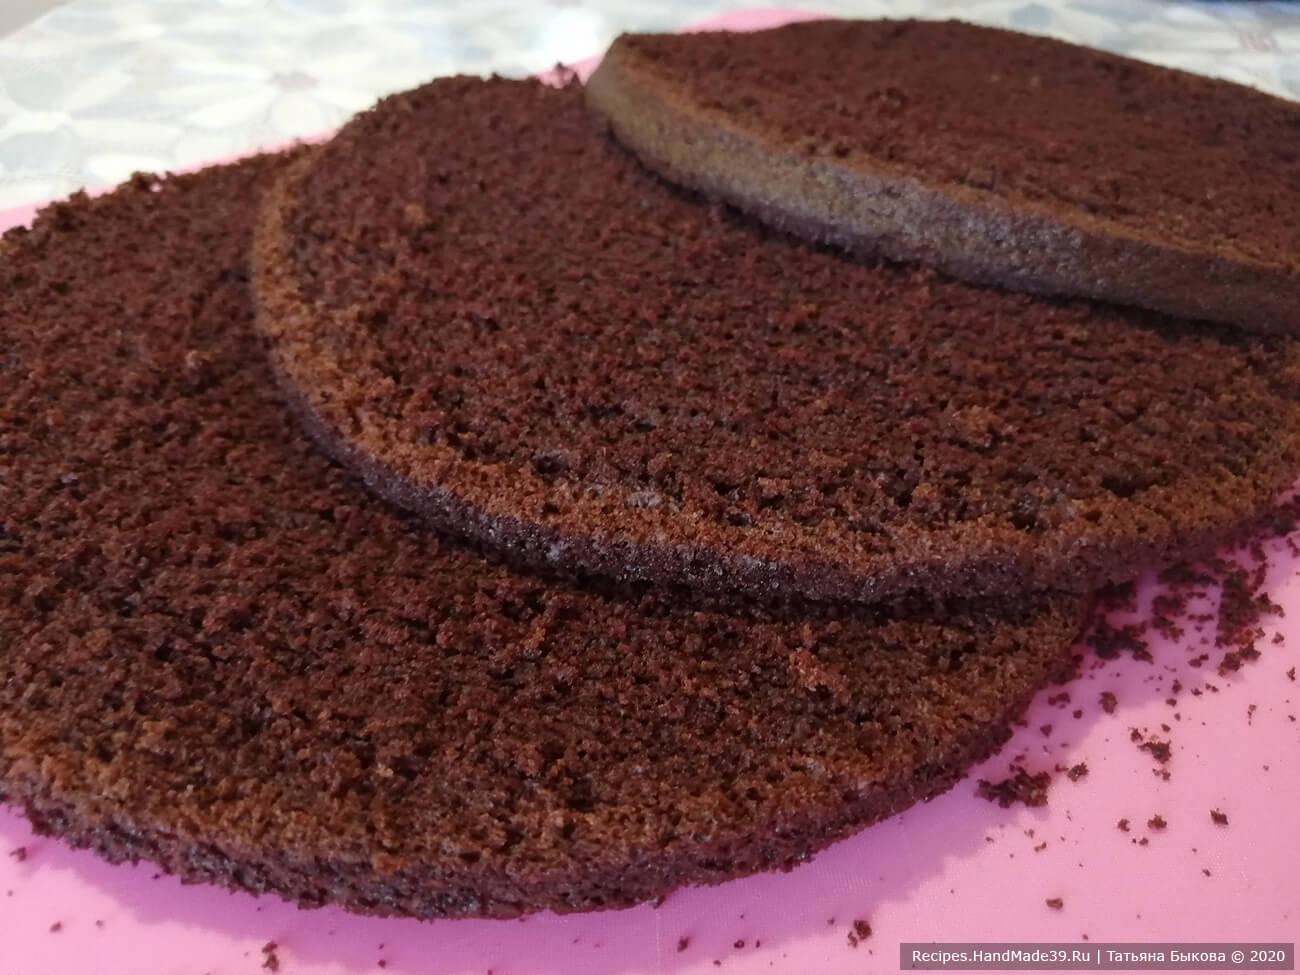 Сборка торта «Шоколадный бархат»: с бисквита срезать шапочку (она пойдёт на украшение боков торта). Разрезать бисквит на 3 равные части с помощью нитки